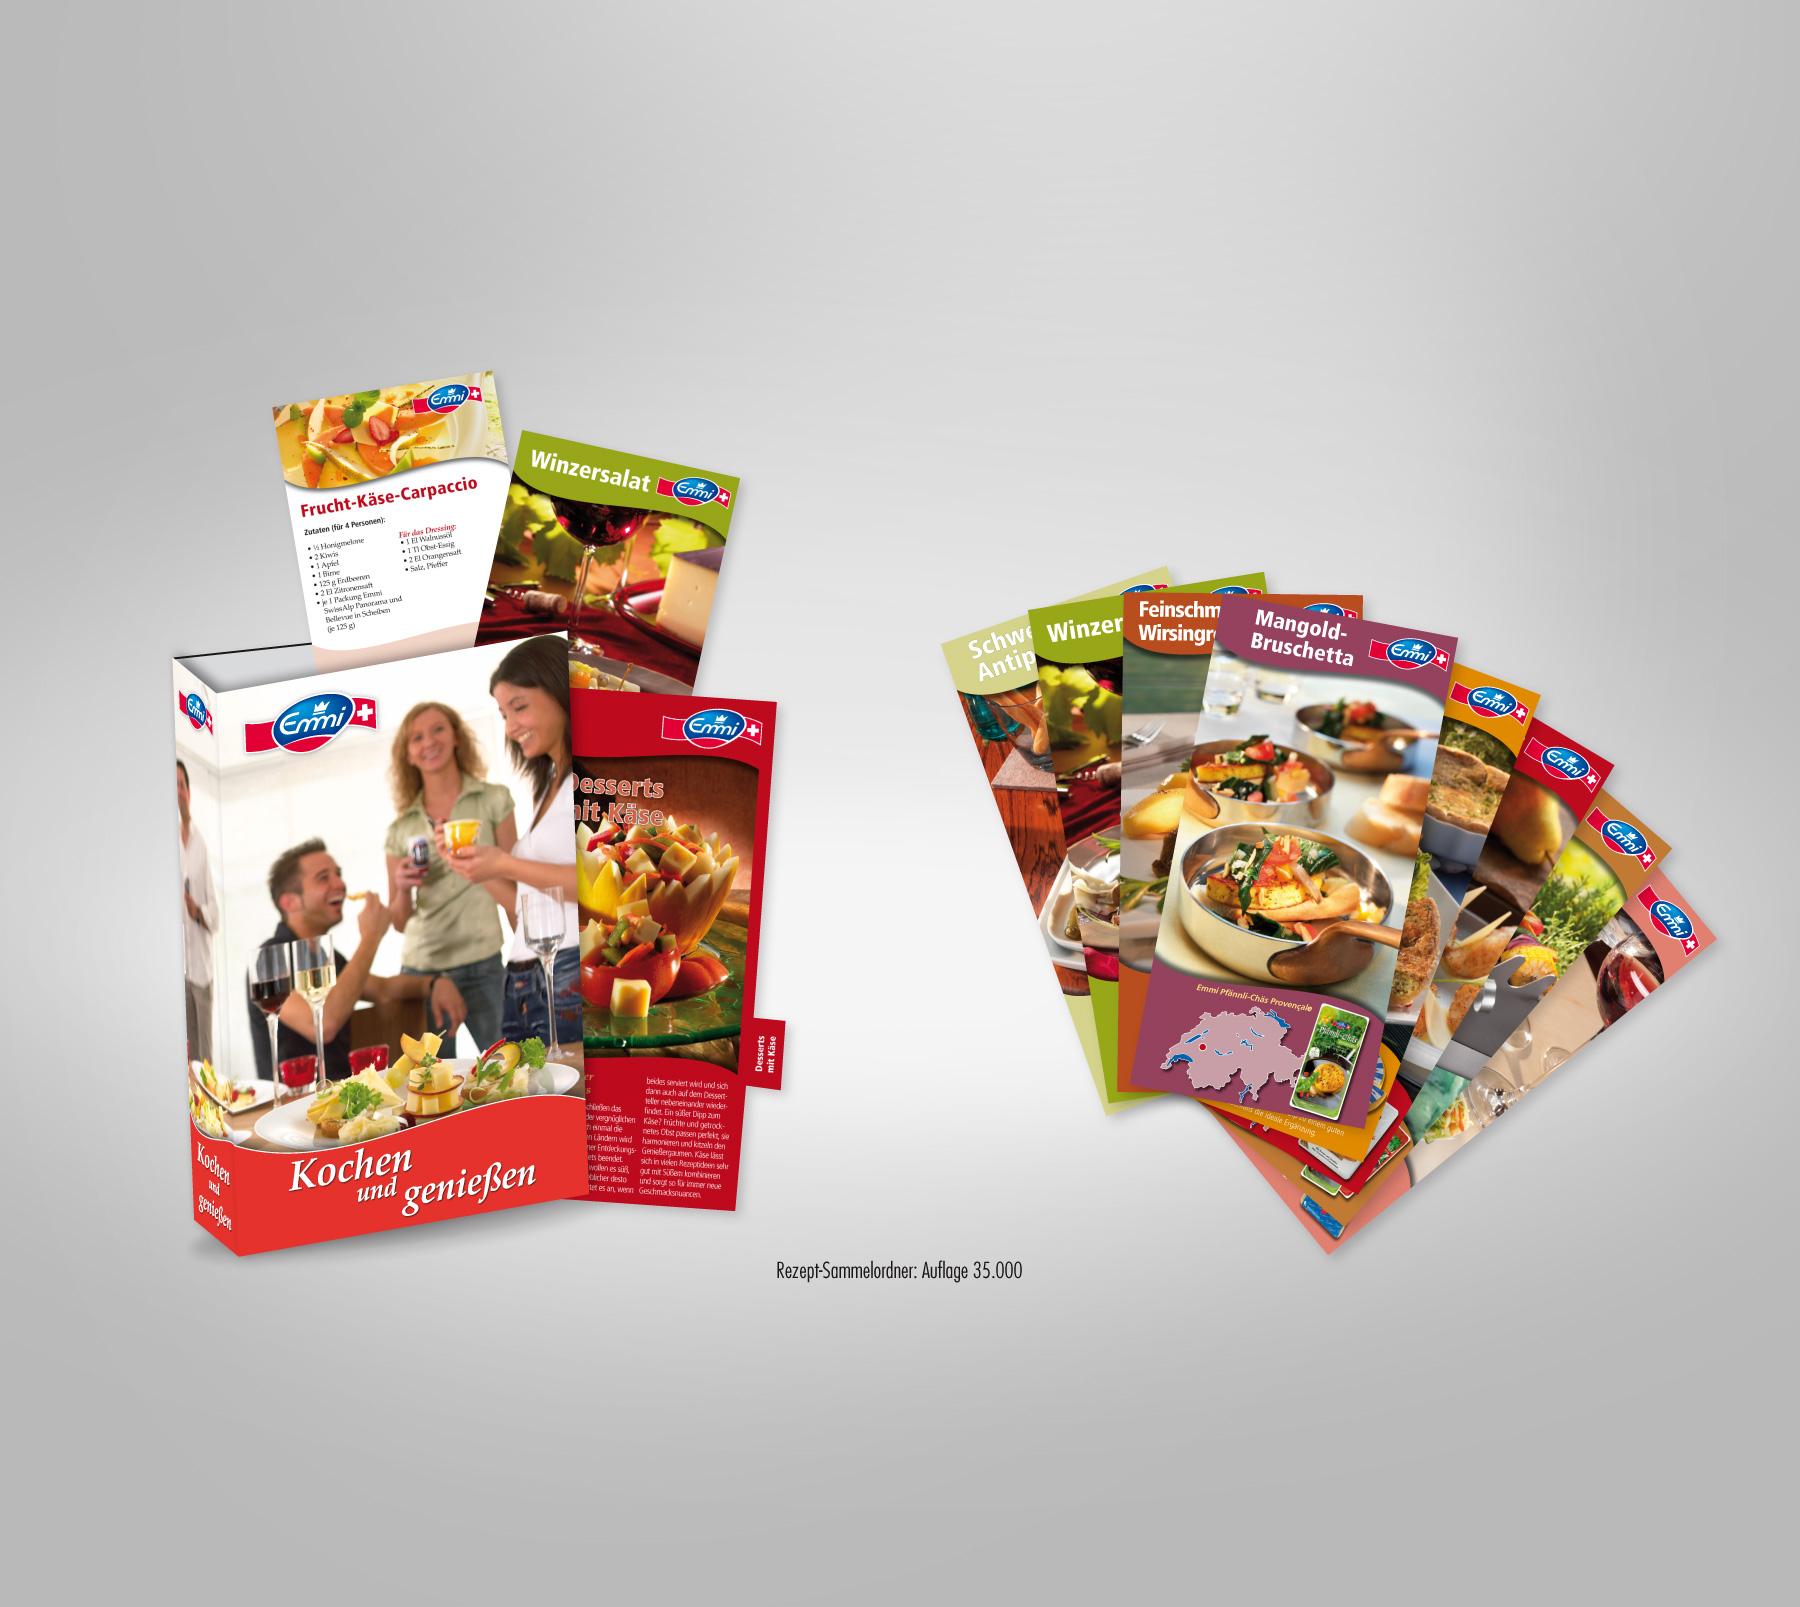 Emmi Produktförderung: Sammel-Ringordner mit Register und Rezeptkarten zum abheften